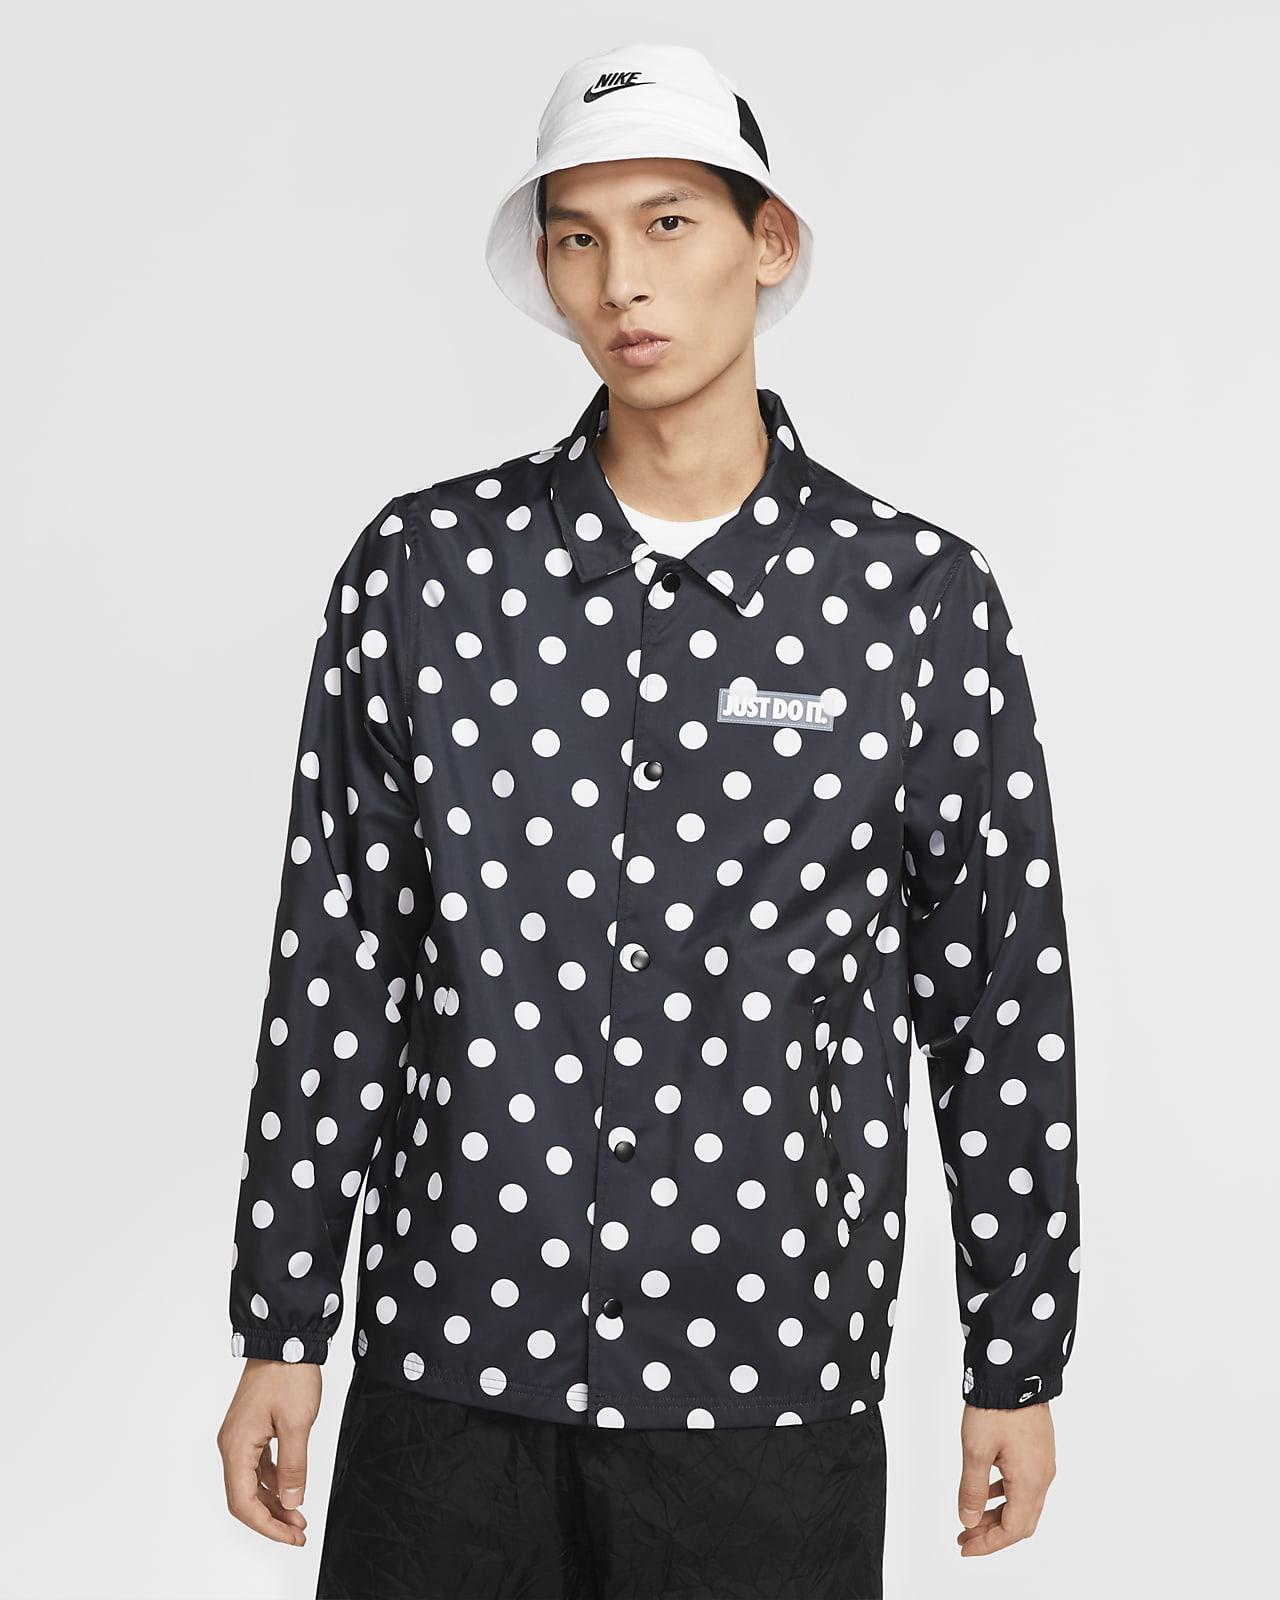 Nike Sportswear JDI 男子梭织夹克